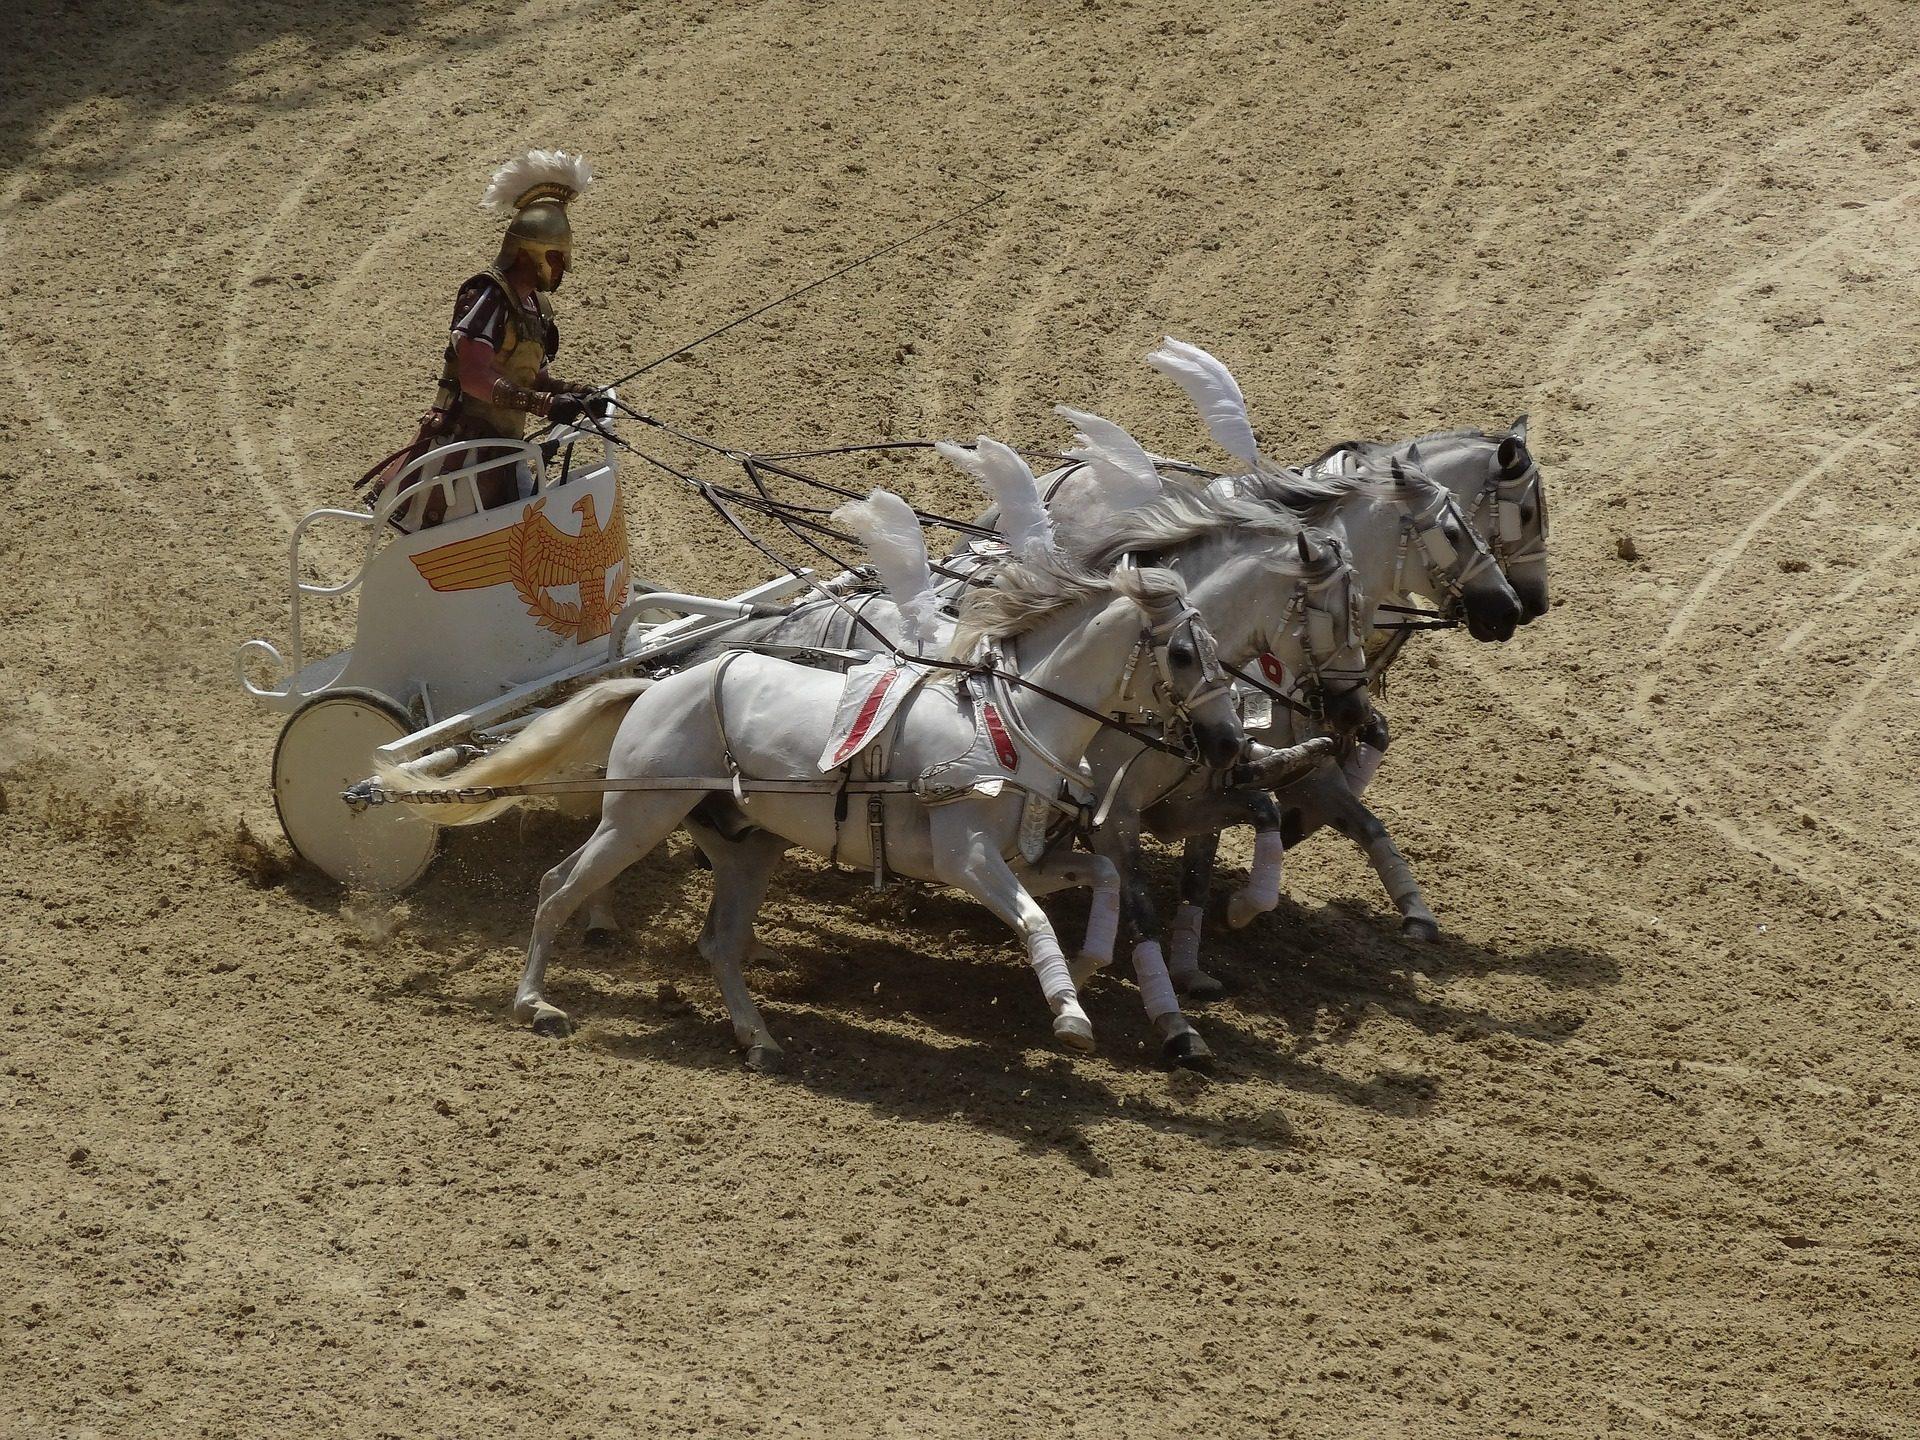 καριέρα, άλογα, Quadriga, Ρομάνα, παλιά, ανταγωνισμού - Wallpapers HD - Professor-falken.com